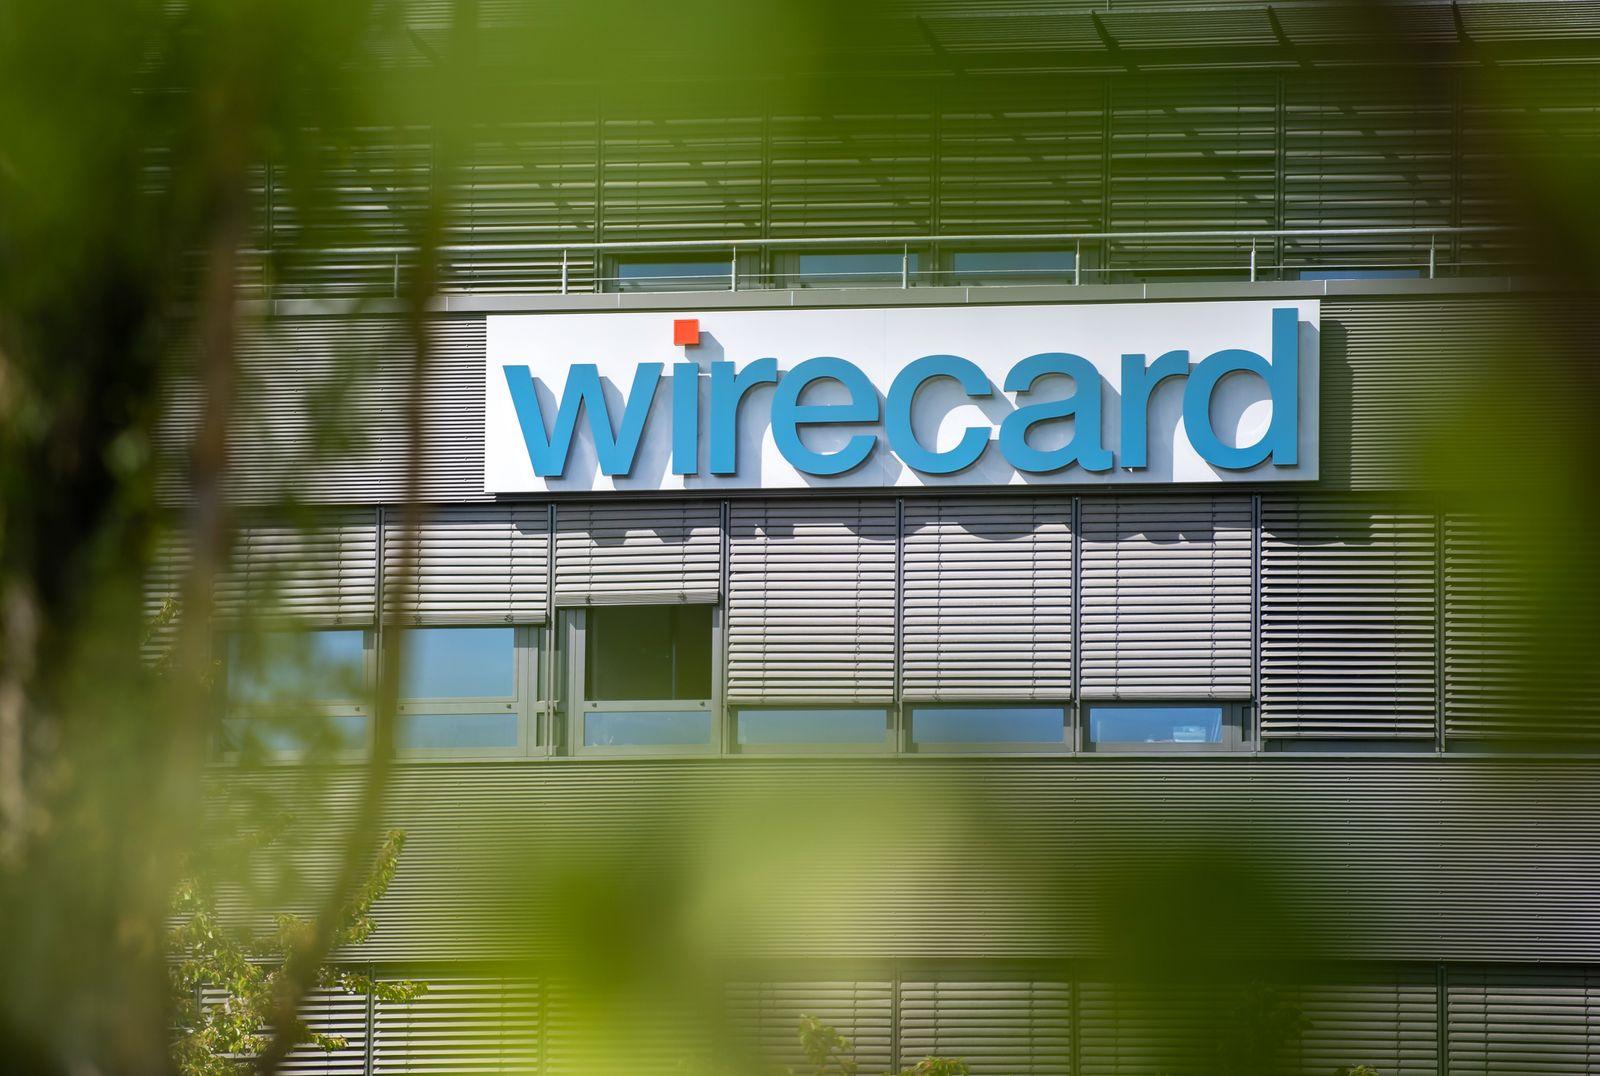 Bezahldienstleister Wirecard - Bilanz-Pk